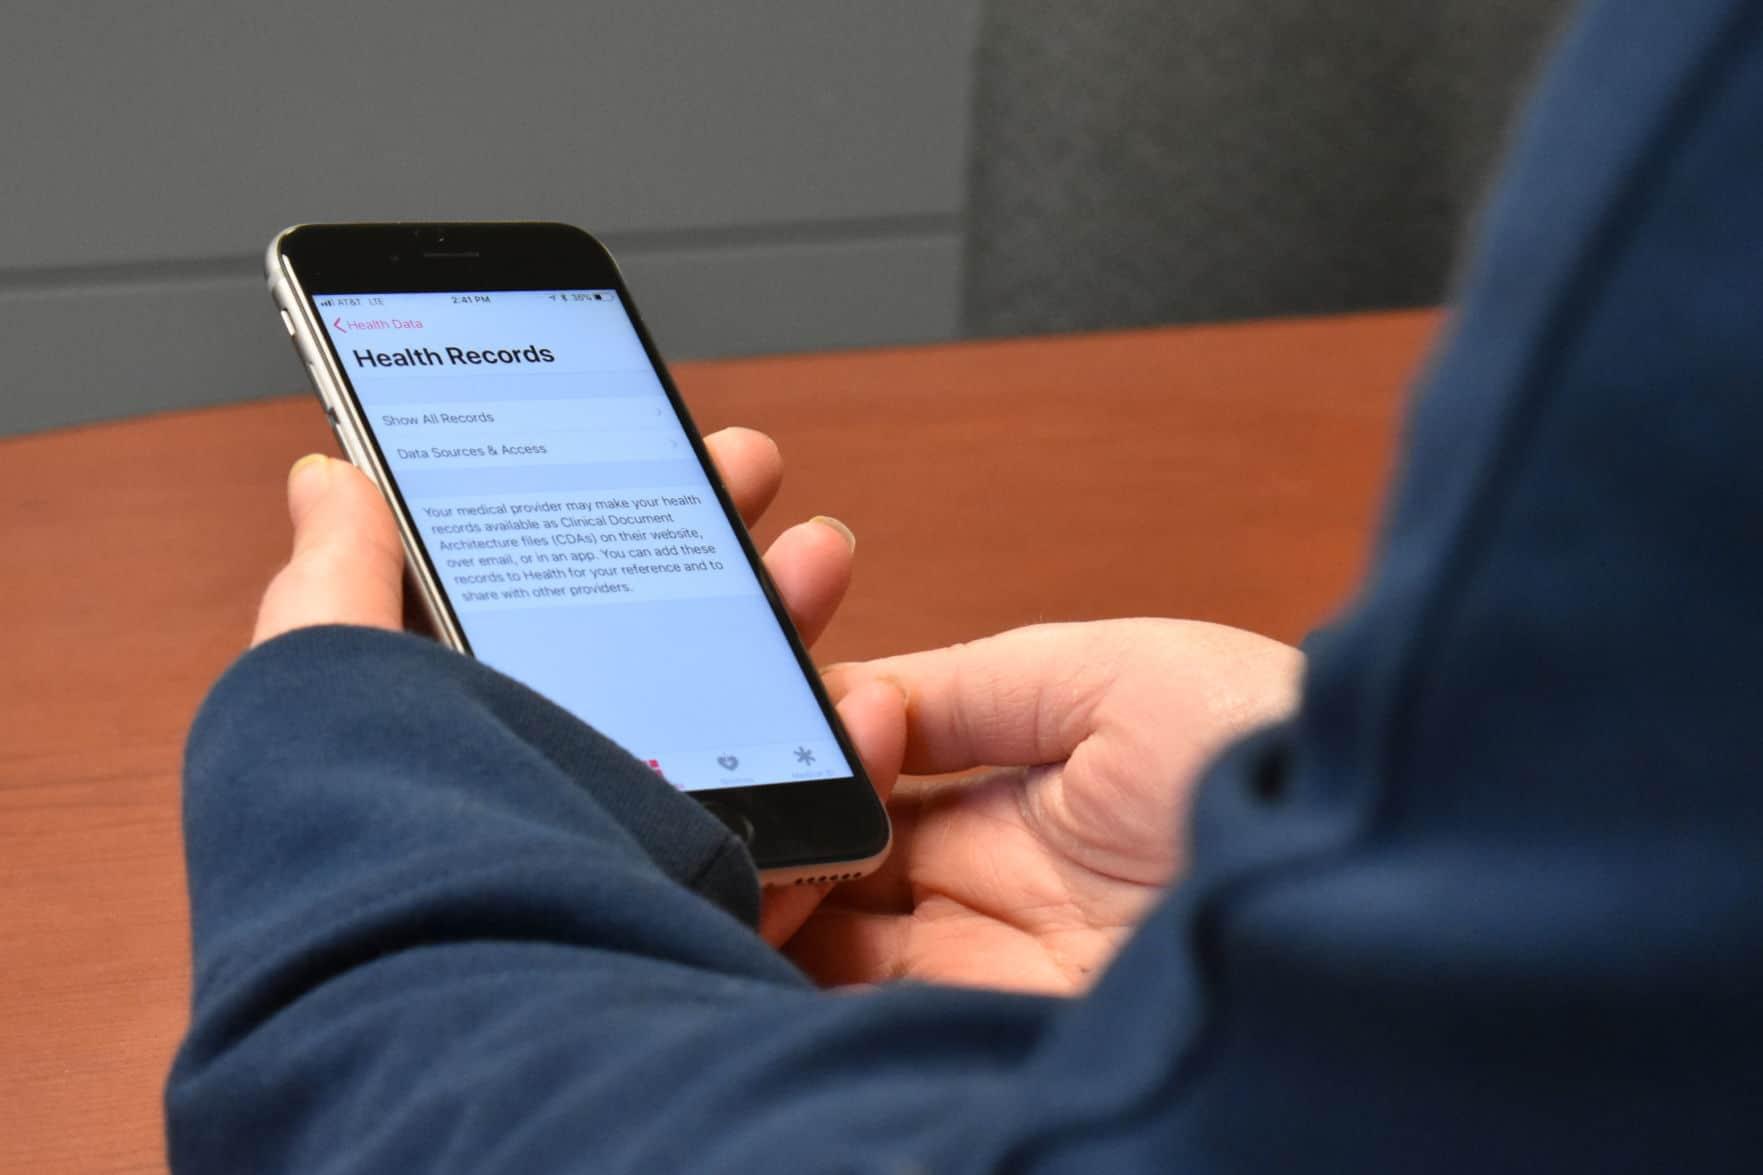 Apple'i ja teiste ettevõtete eesmärk on parandada juurdepääsu terviseandmetele